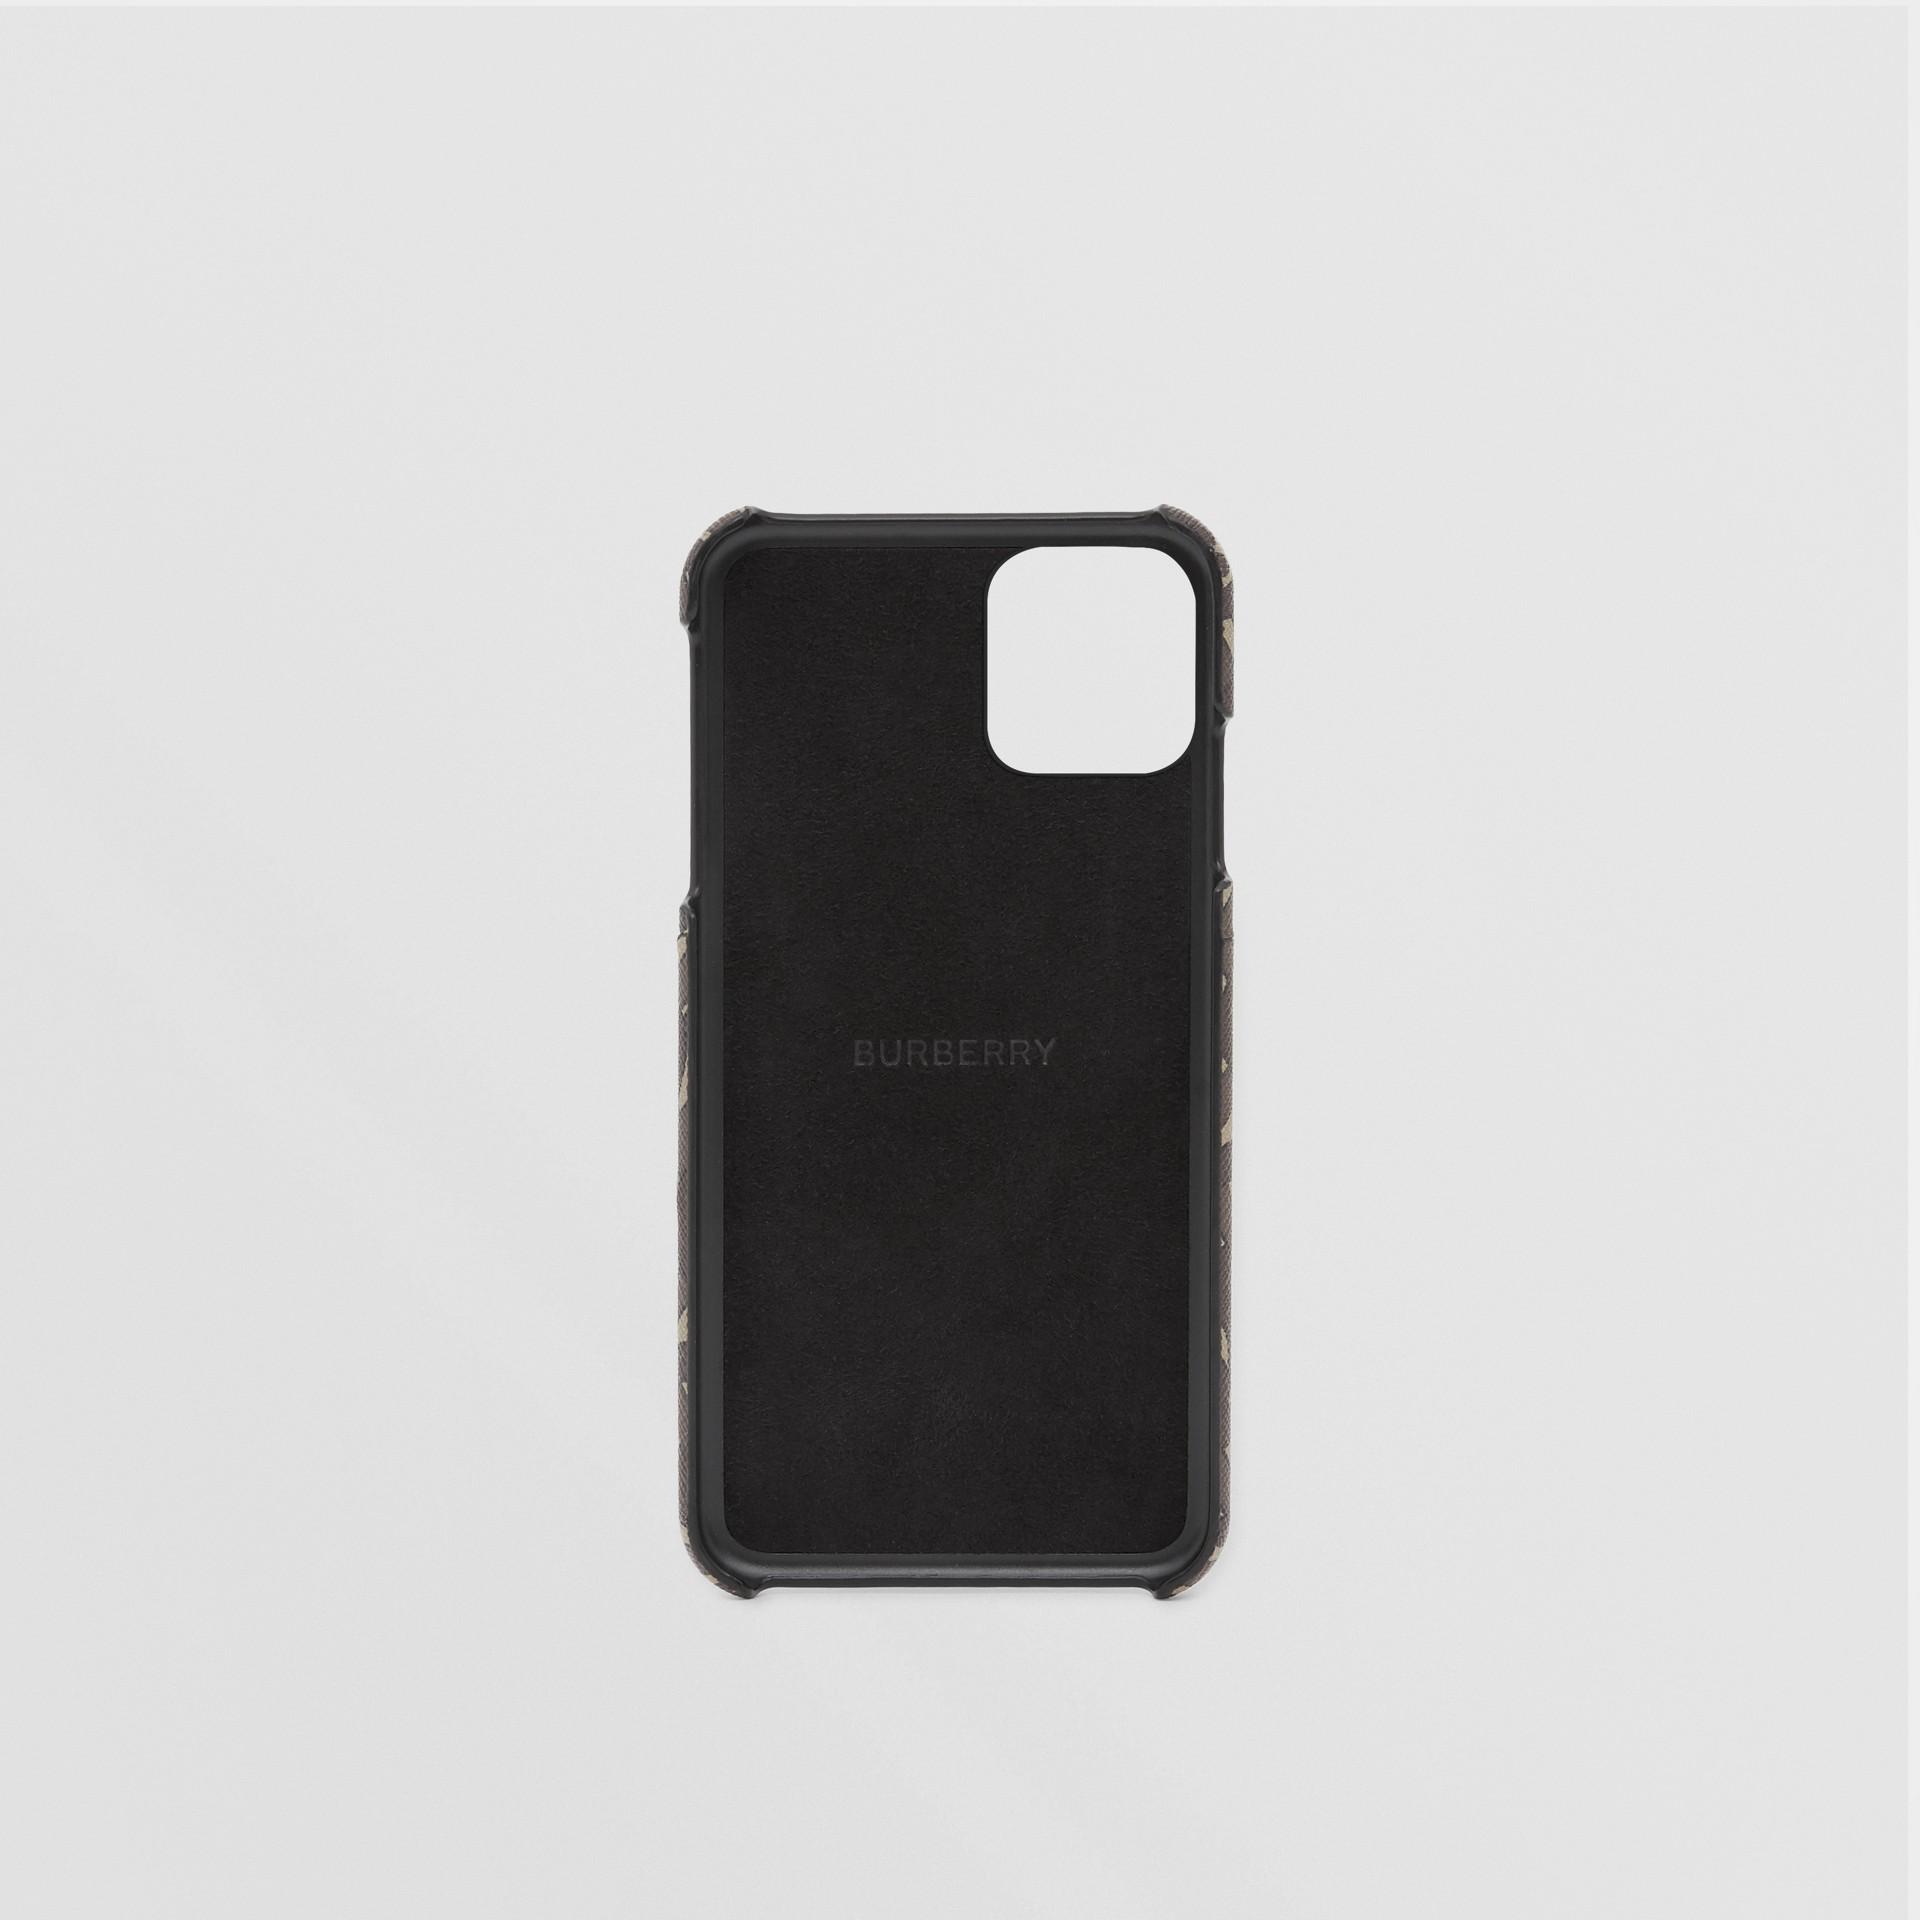 모노그램 프린트 E-캔버스 아이폰 11 프로 케이스 (브라이들 브라운) - 남성 | Burberry - 갤러리 이미지 3